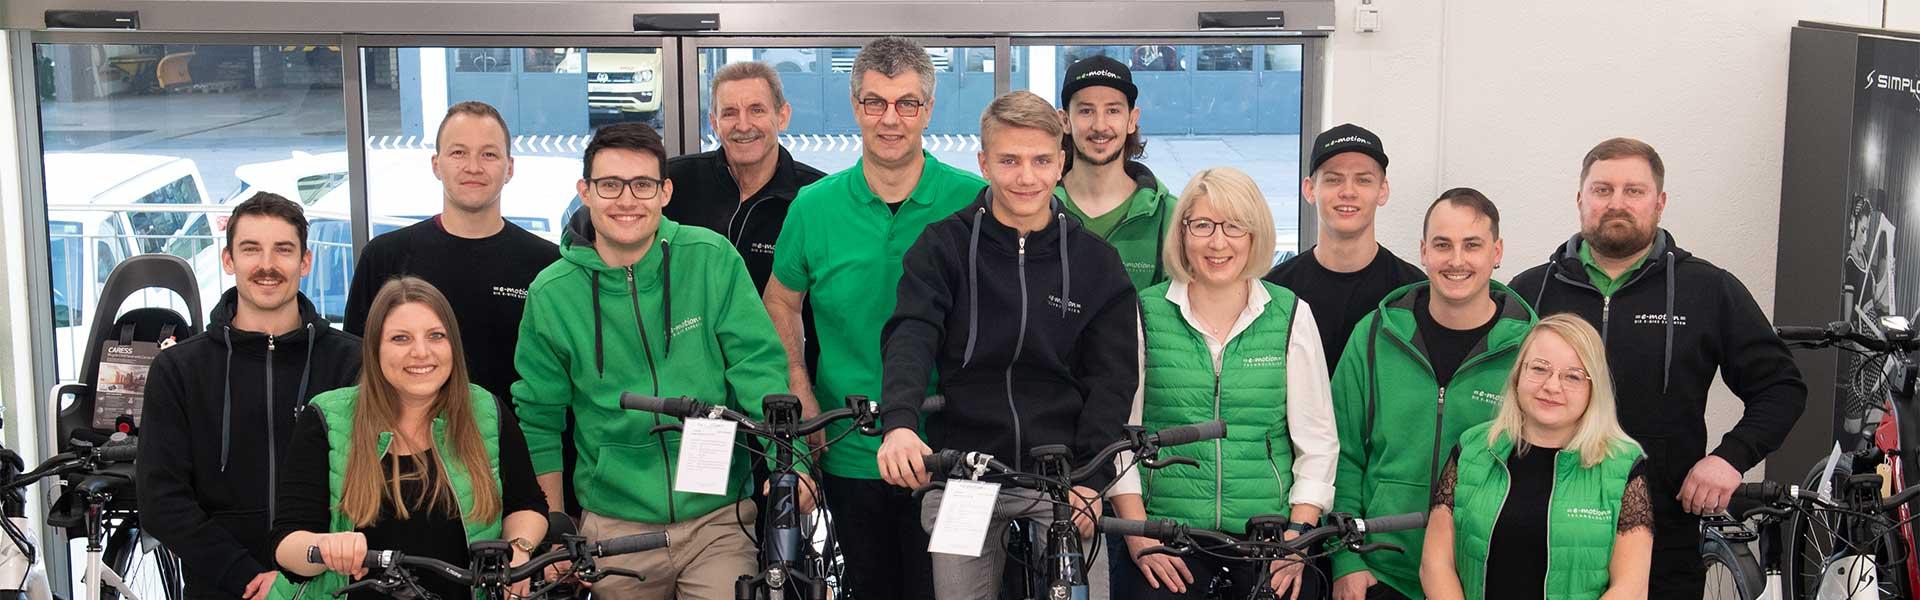 e-motion e-Bike Welt Dietikon Teambild 2021